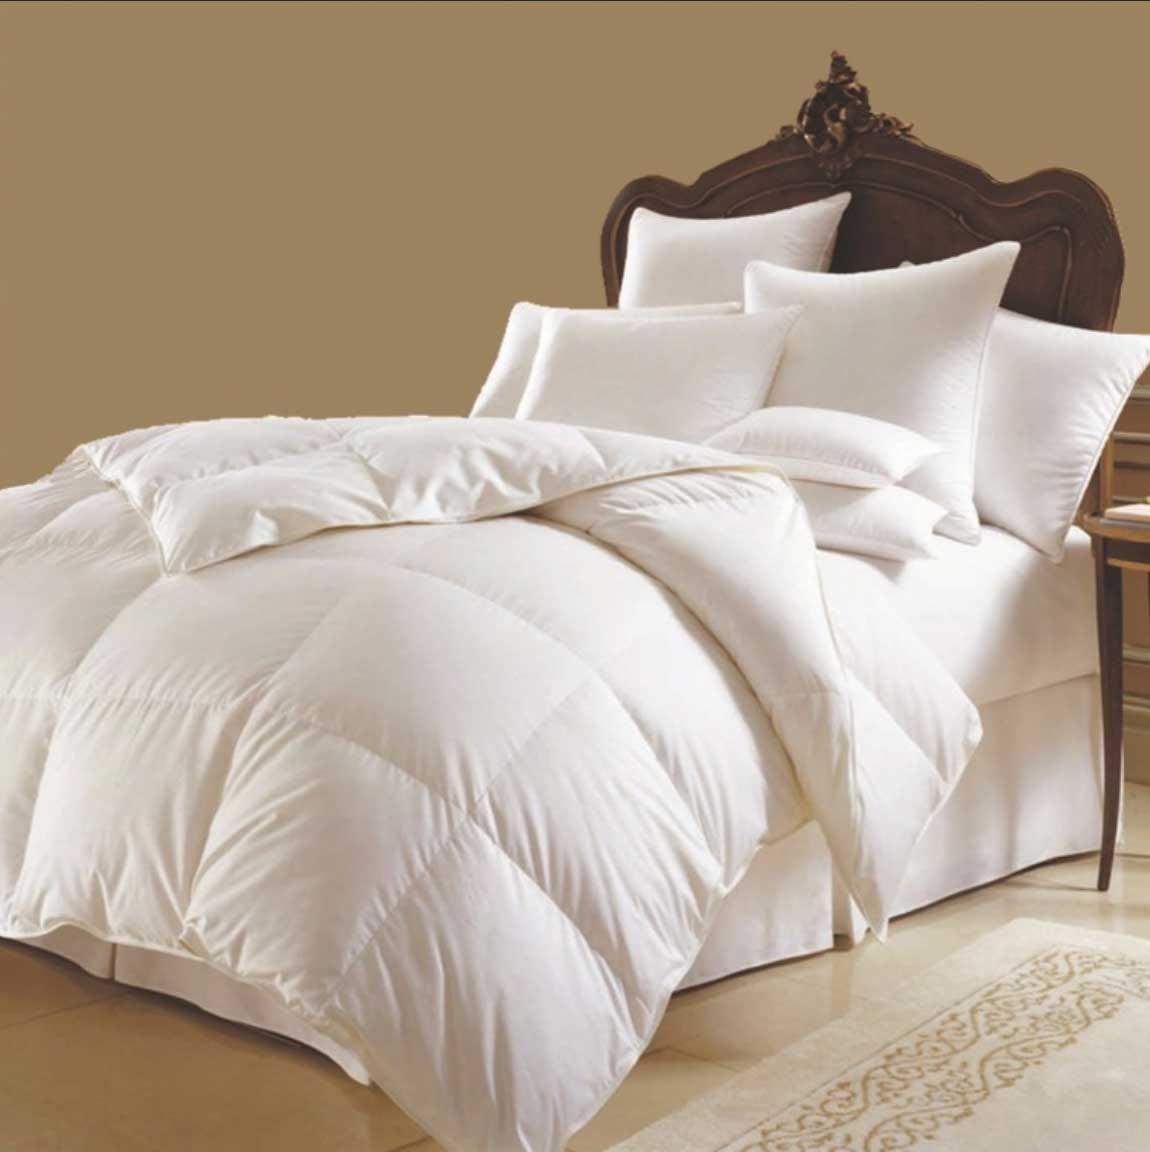 Luxe couette blanche oreiller cotton silicone set 4 saisons 220x240 cm ebay - Couette 4 saisons 220x240 ...